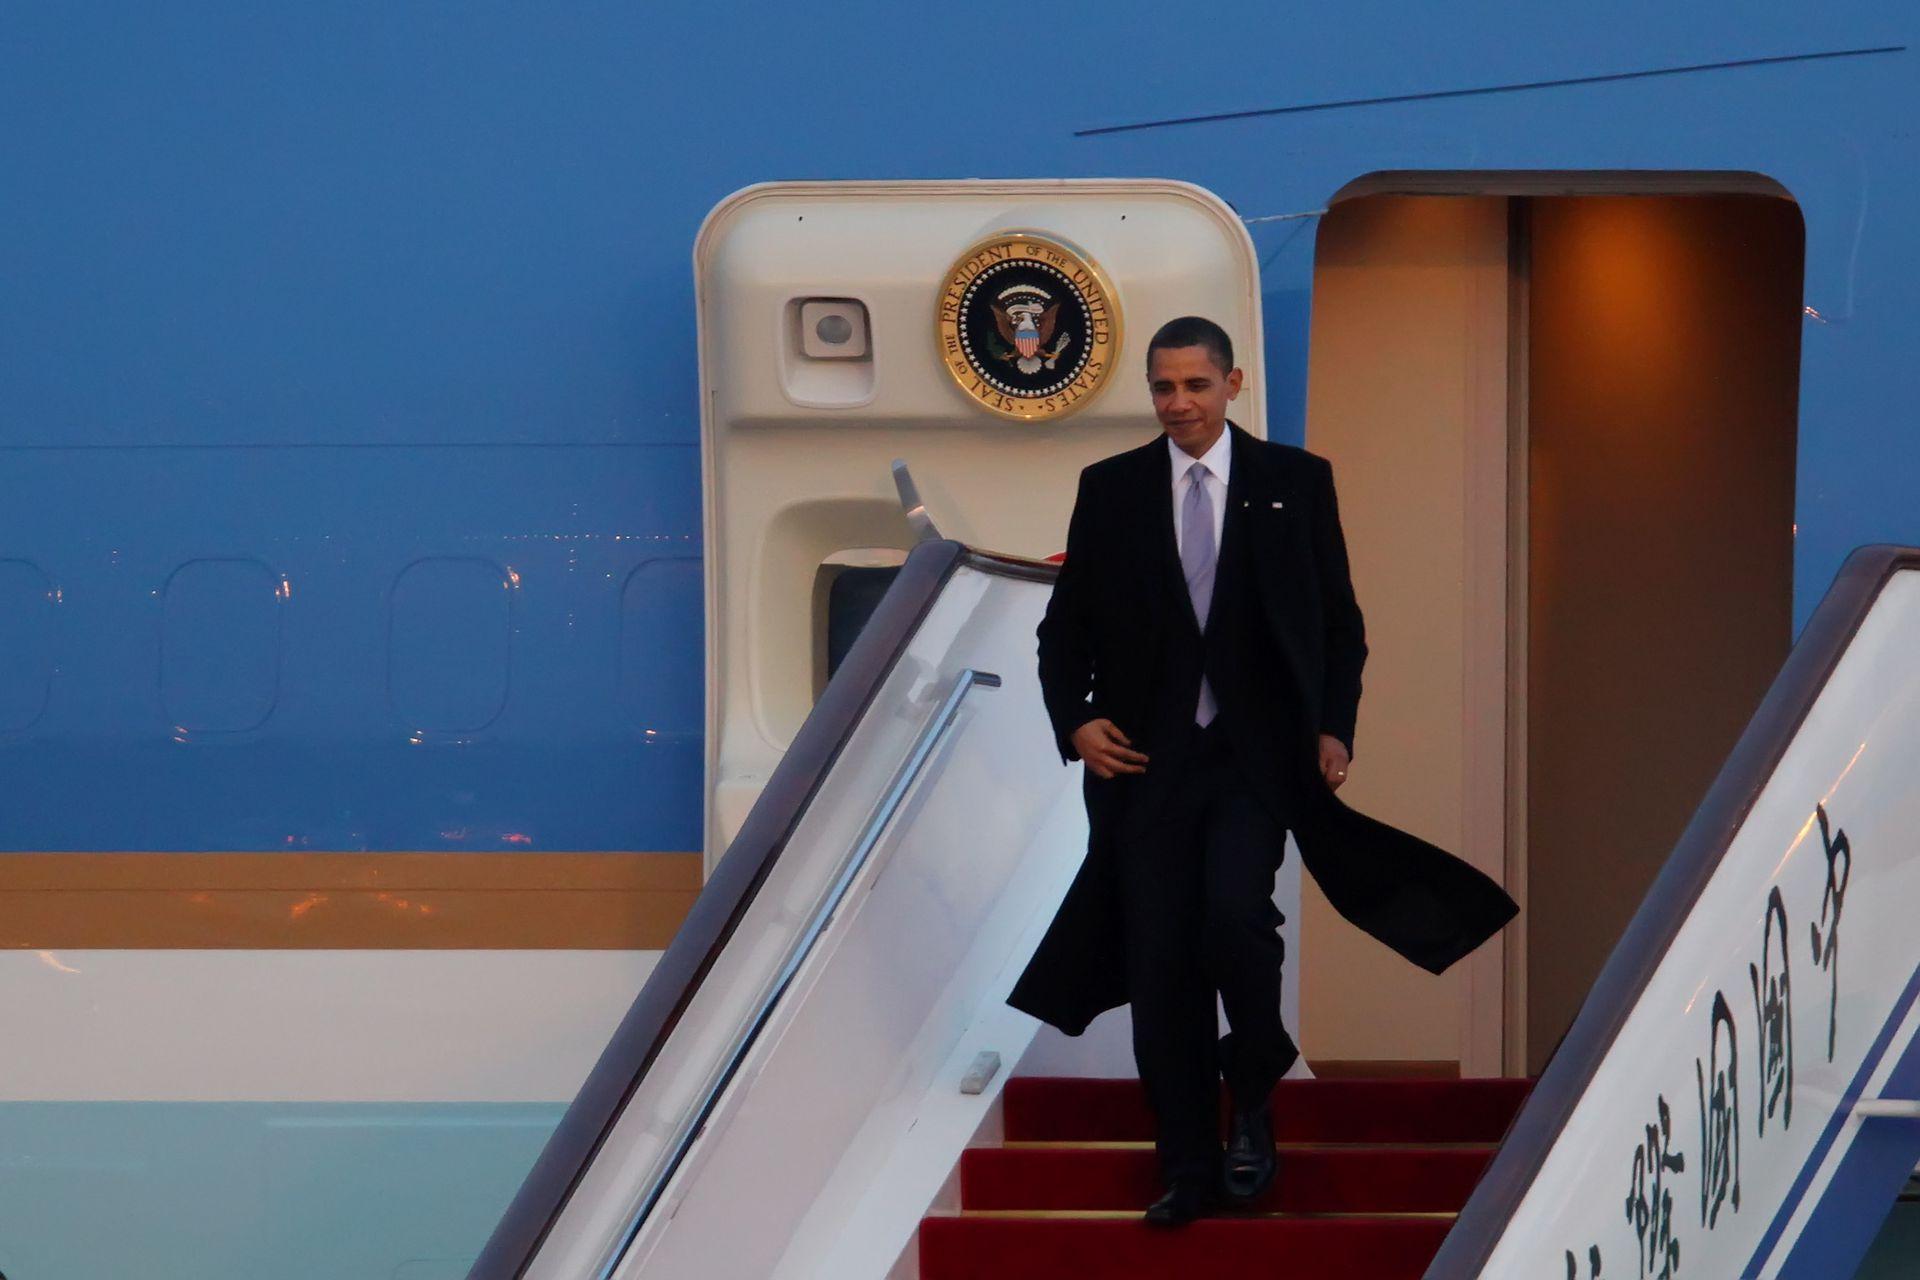 """Chuyến thăm TQ """"sóng gió"""" qua lời hé lộ của ông Obama - 1"""